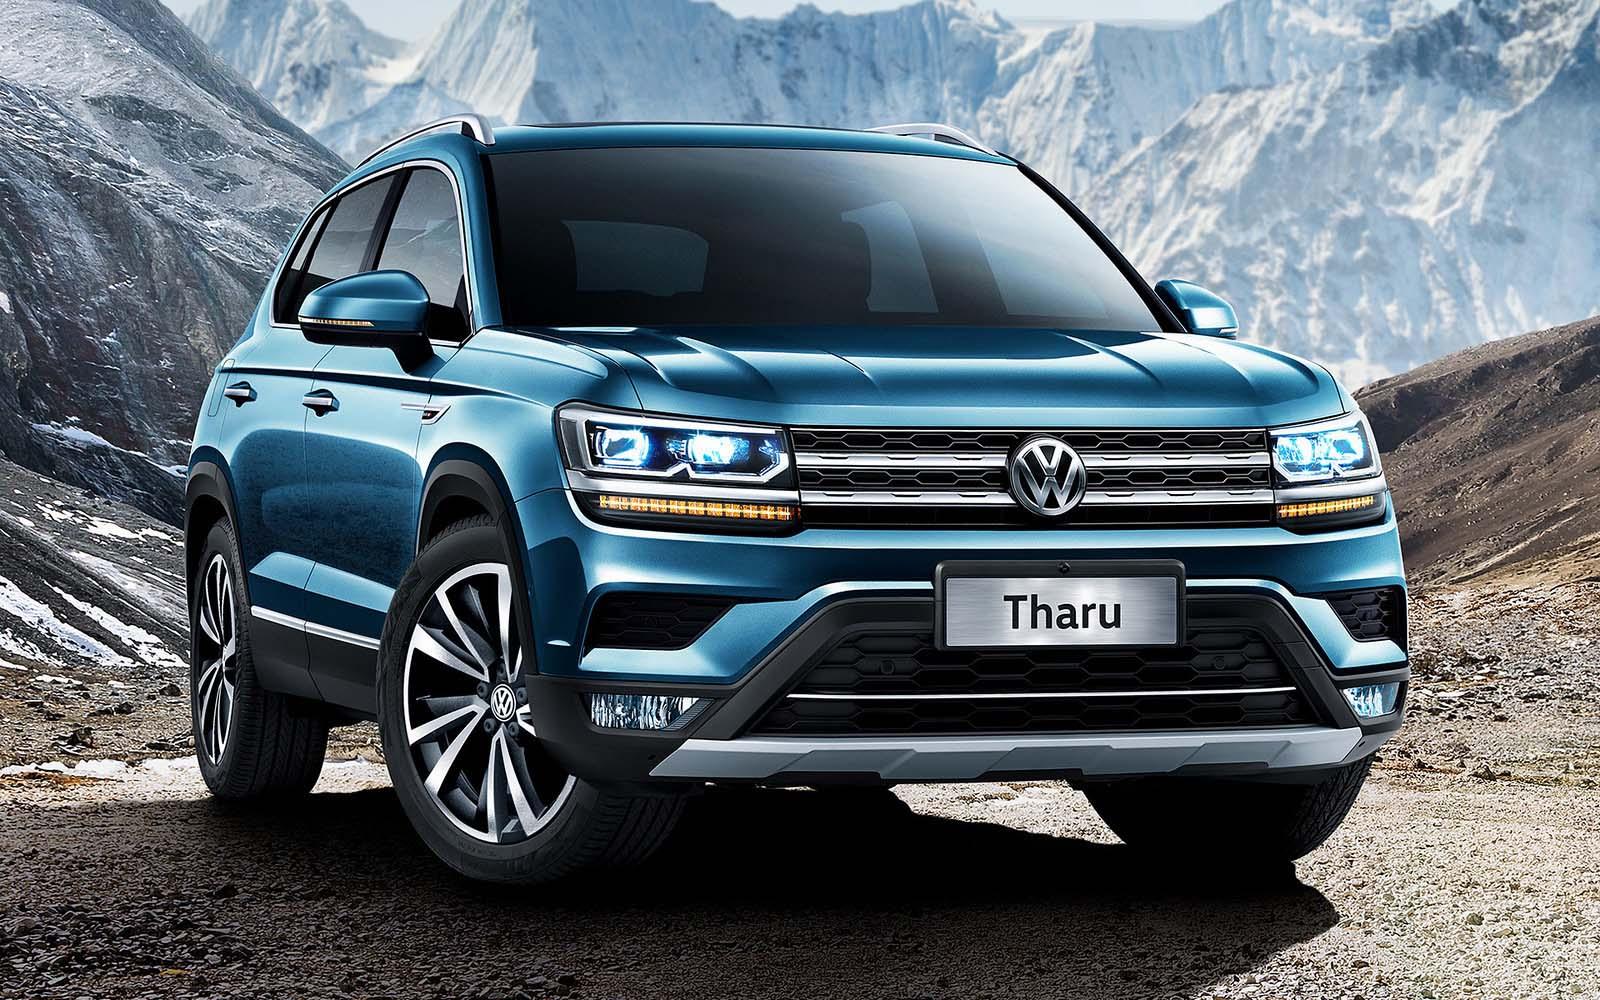 La Volkswagen Tharu será la base para la Tarek